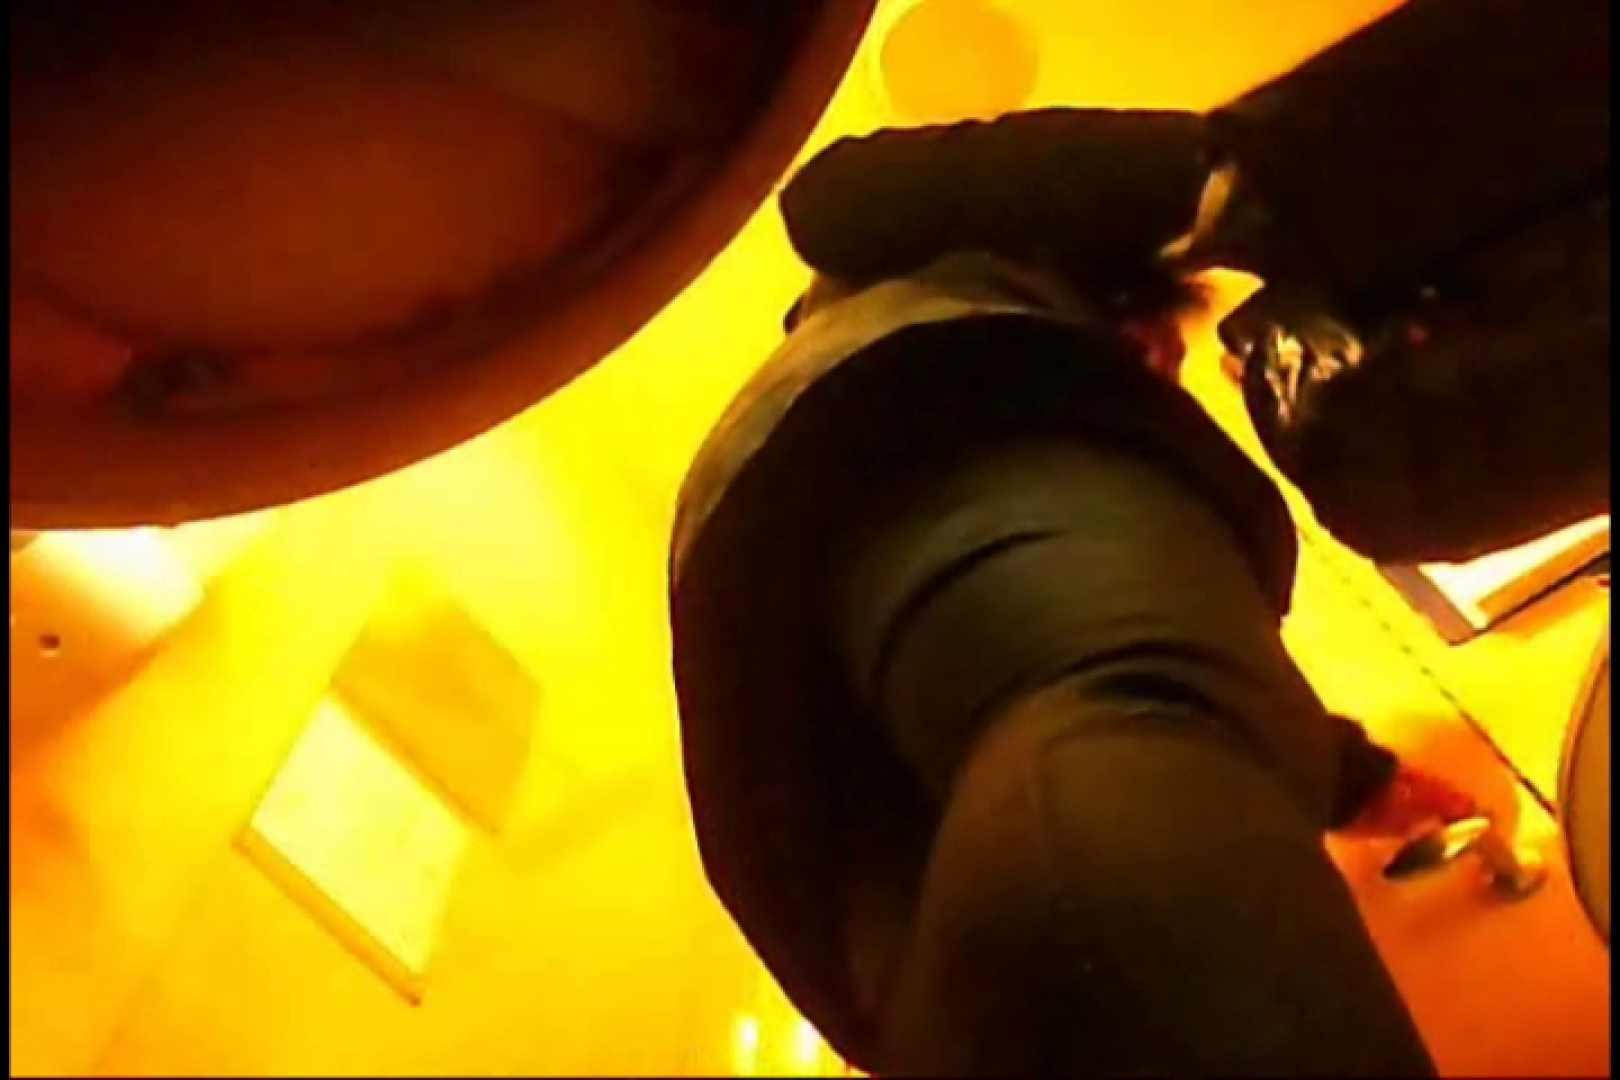 実録!魂の女子化粧室盗撮!!~隠れ潜む特殊カメラ~vo,20 熟女のエロ動画 おまんこ無修正動画無料 108PIX 43